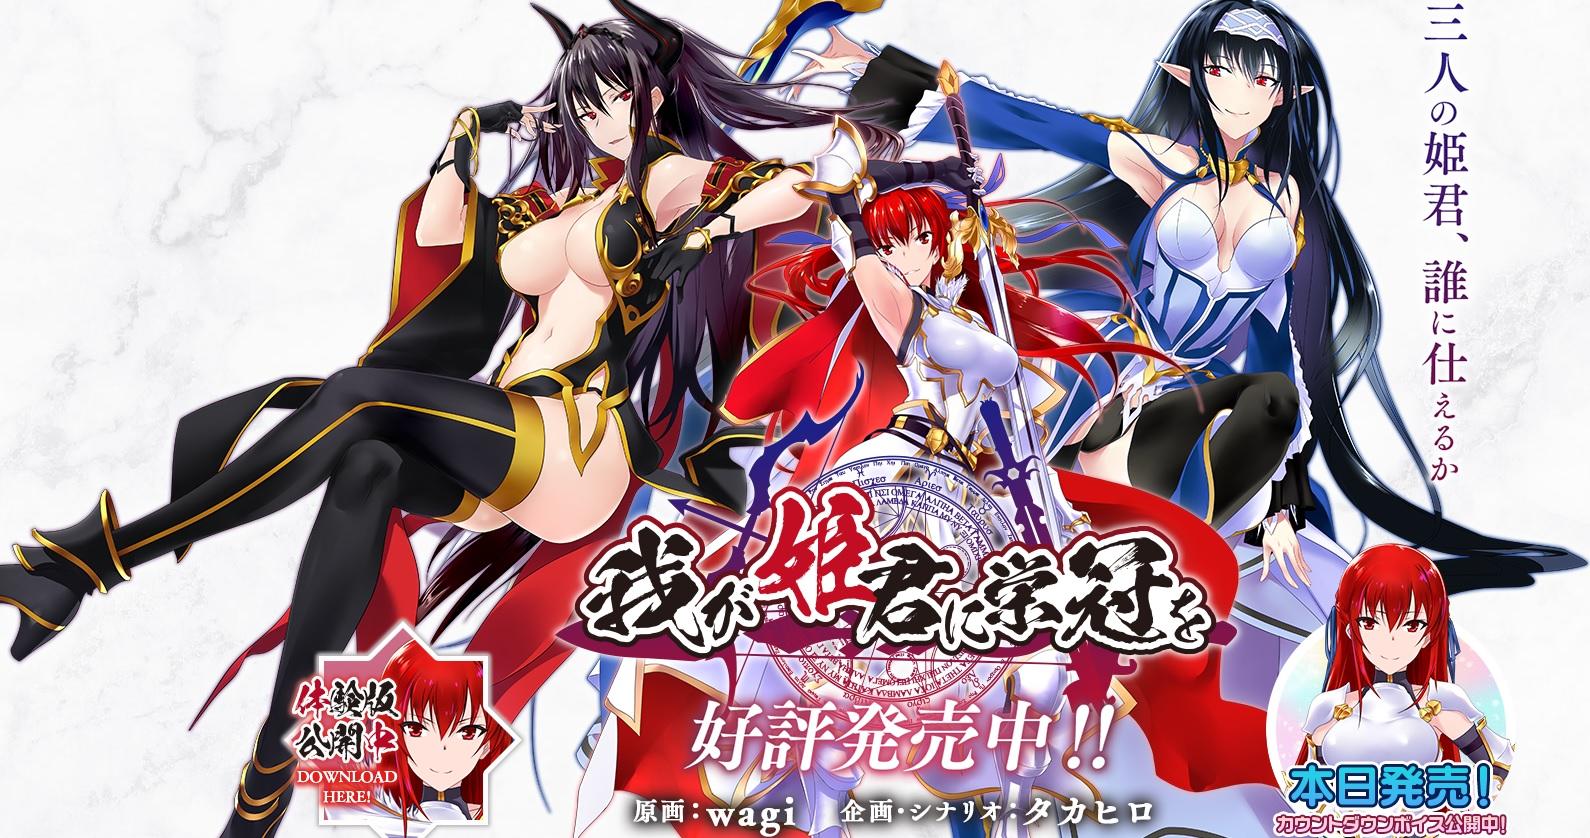 [みなとそふと] 我が姫君に栄冠を 初回版 + Original Soundtrack + Song CD + Bonus + Update 1.01 [H-Game]